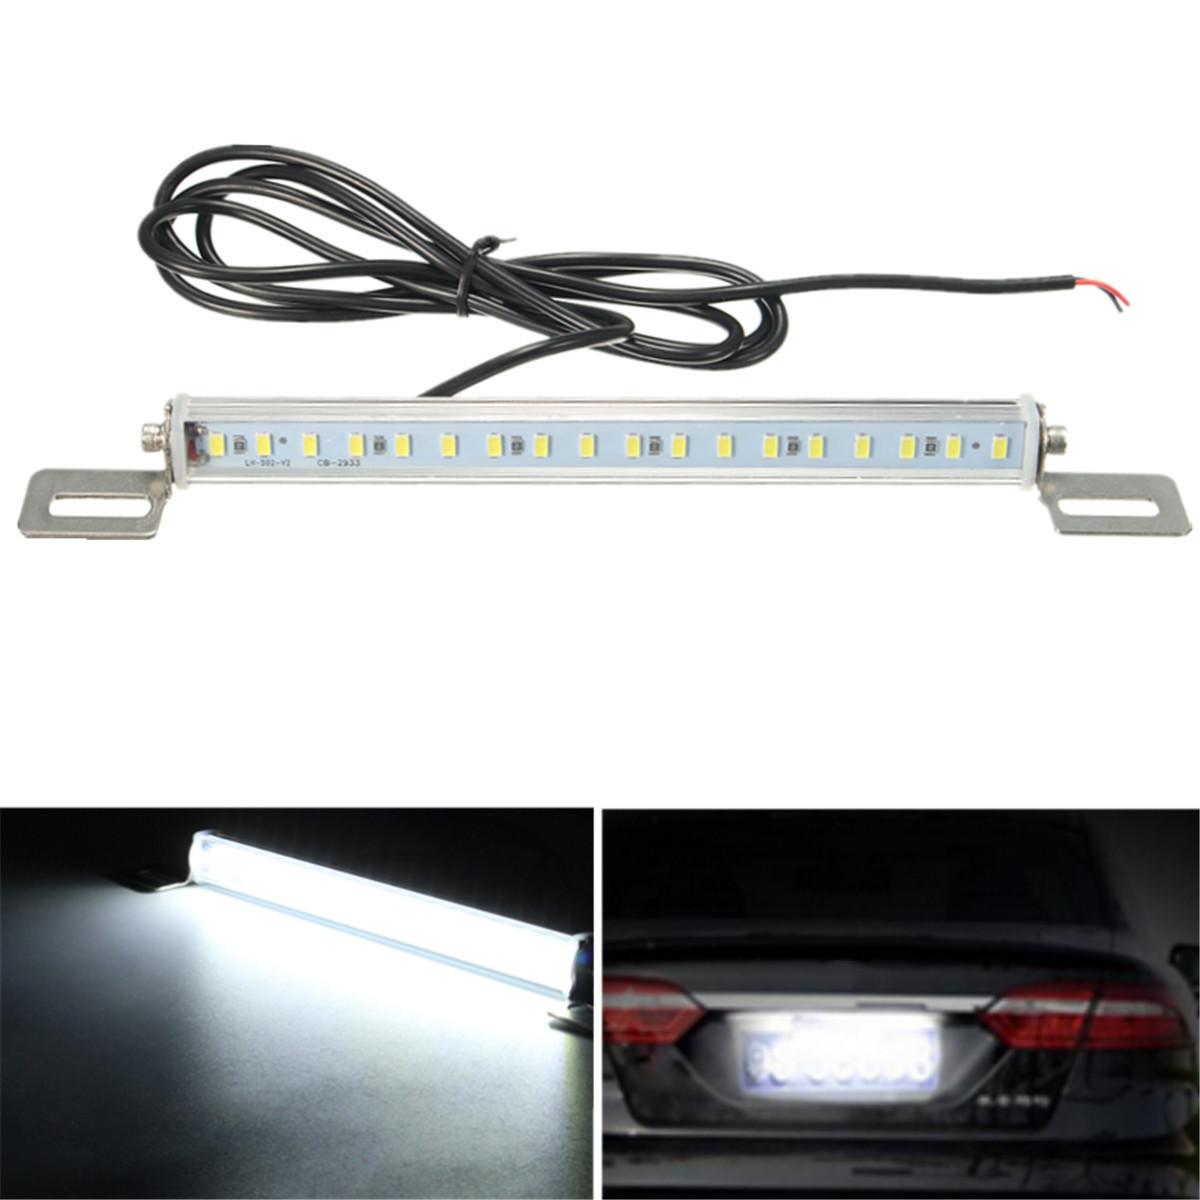 Universal Car 12V 18 SMD 5730 LED License Plate Reverse Back Up Light White